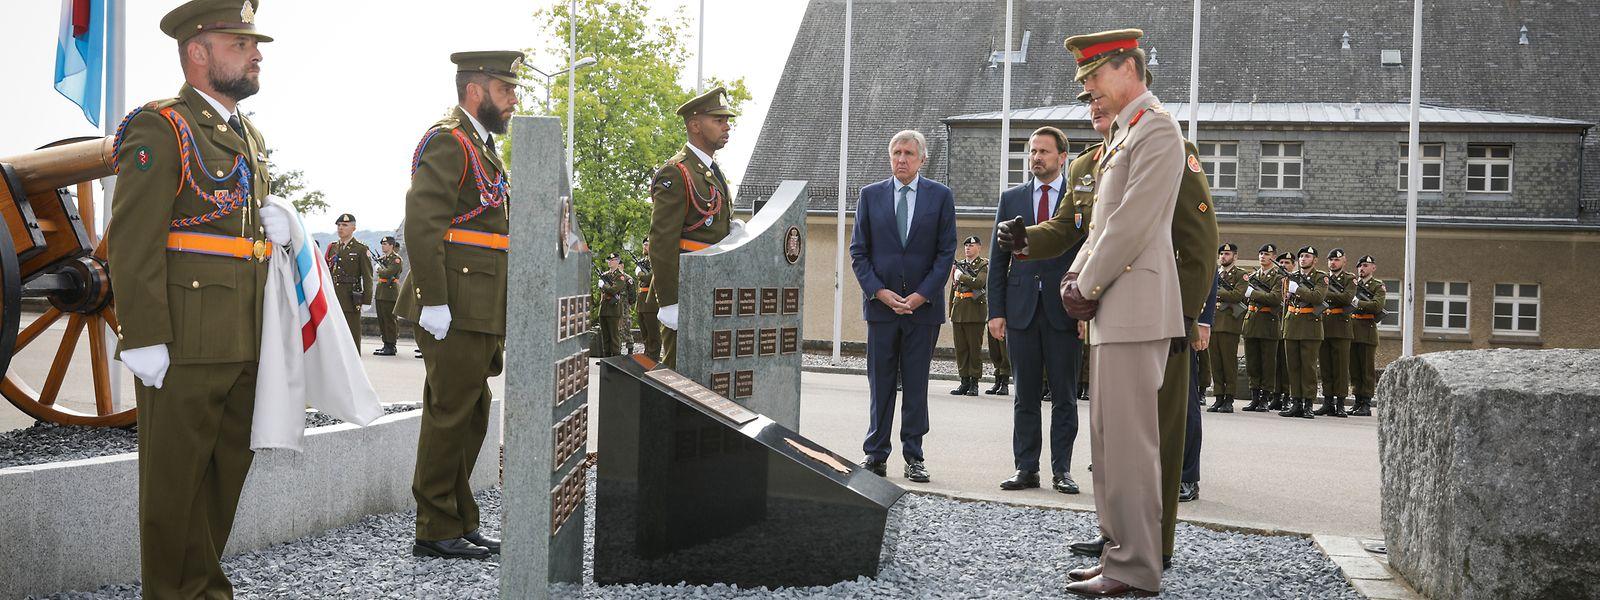 26 Namen stehen auf dem Denkmal, das ab nun an der Place du Souvenir der Caserne Grand-Duc Jean in Diekirch an die im Dienst getöteten Luxemburger Armeemitglieder erinnert.